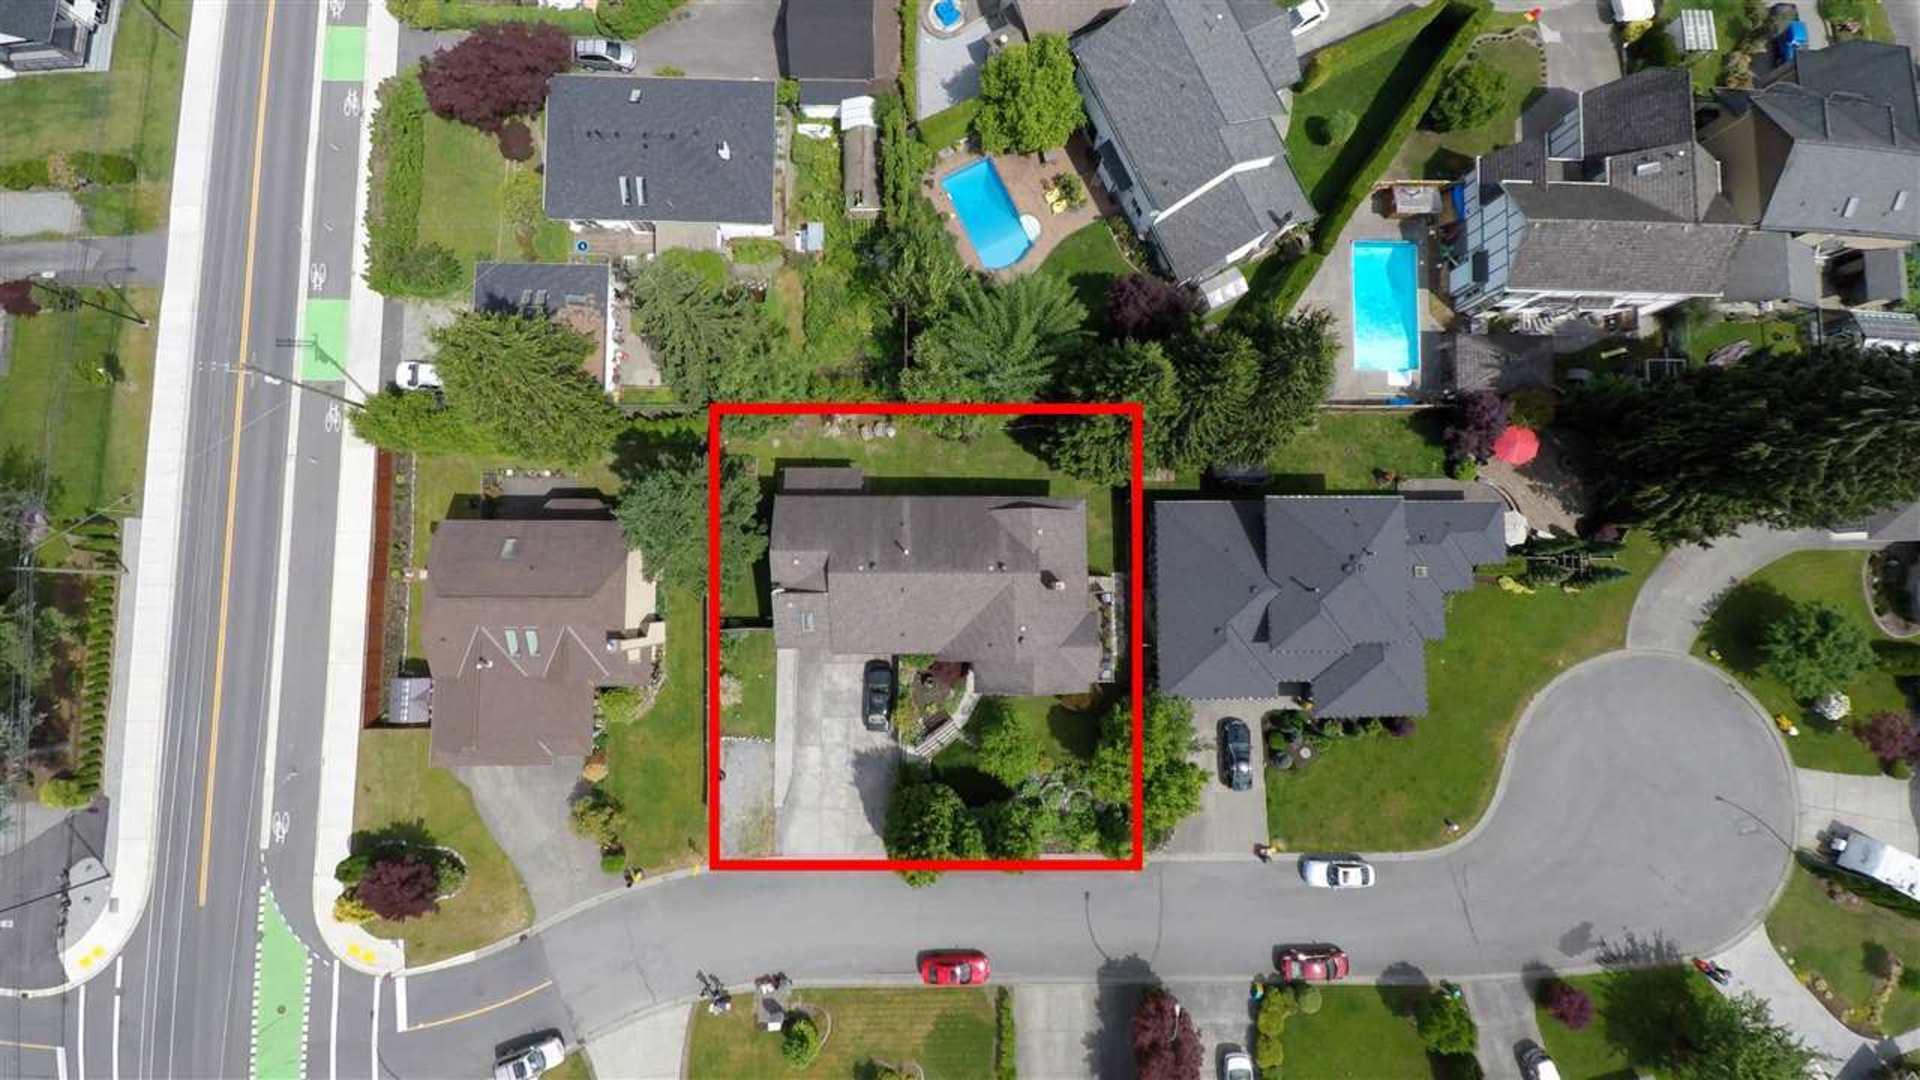 20311-123b-avenue-northwest-maple-ridge-maple-ridge-20 at 20311 123b Avenue, Northwest Maple Ridge, Maple Ridge